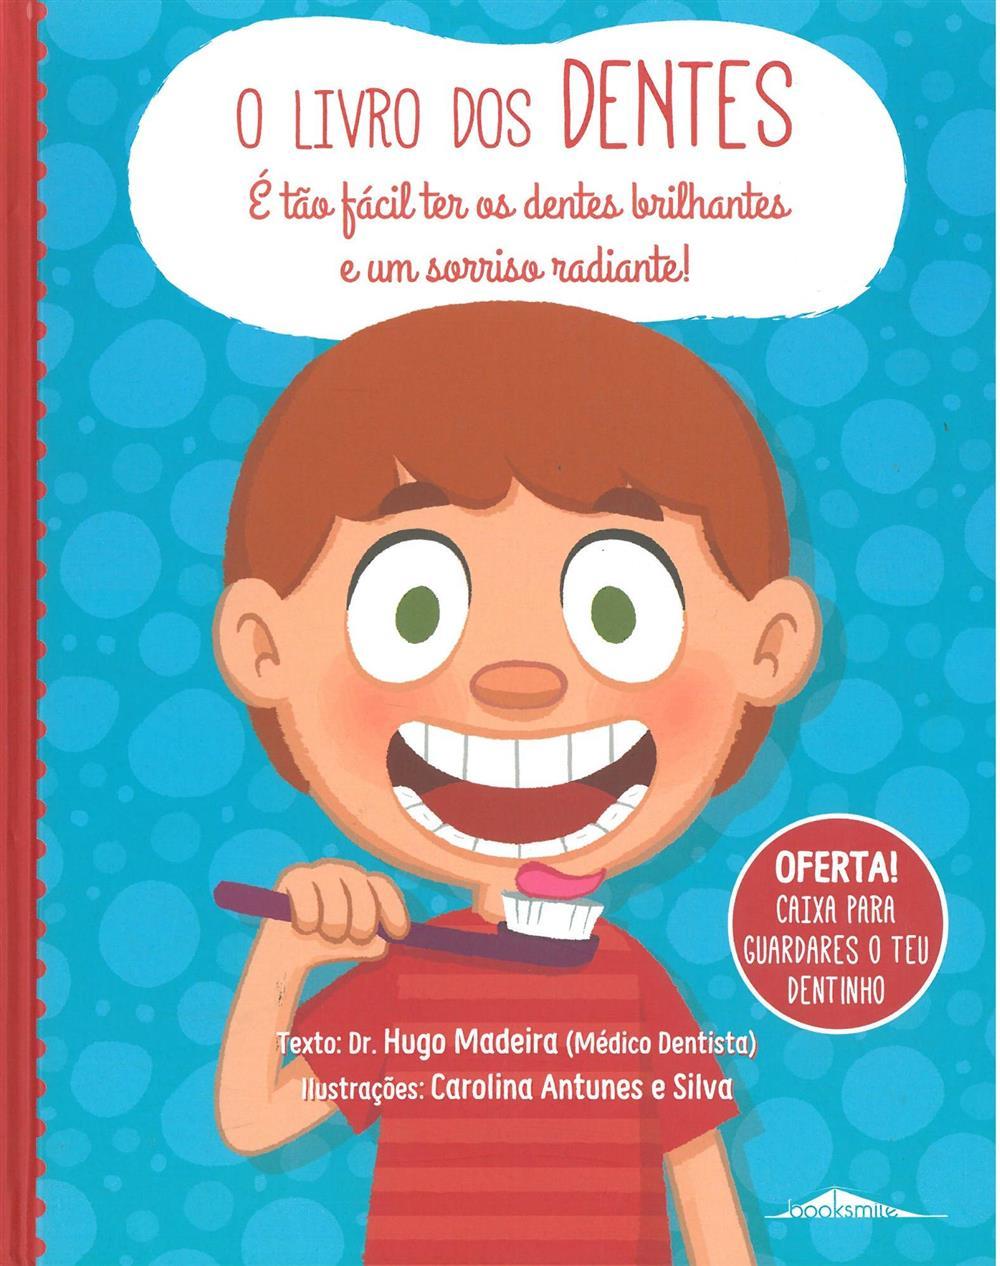 O livro dos dentes.jpg